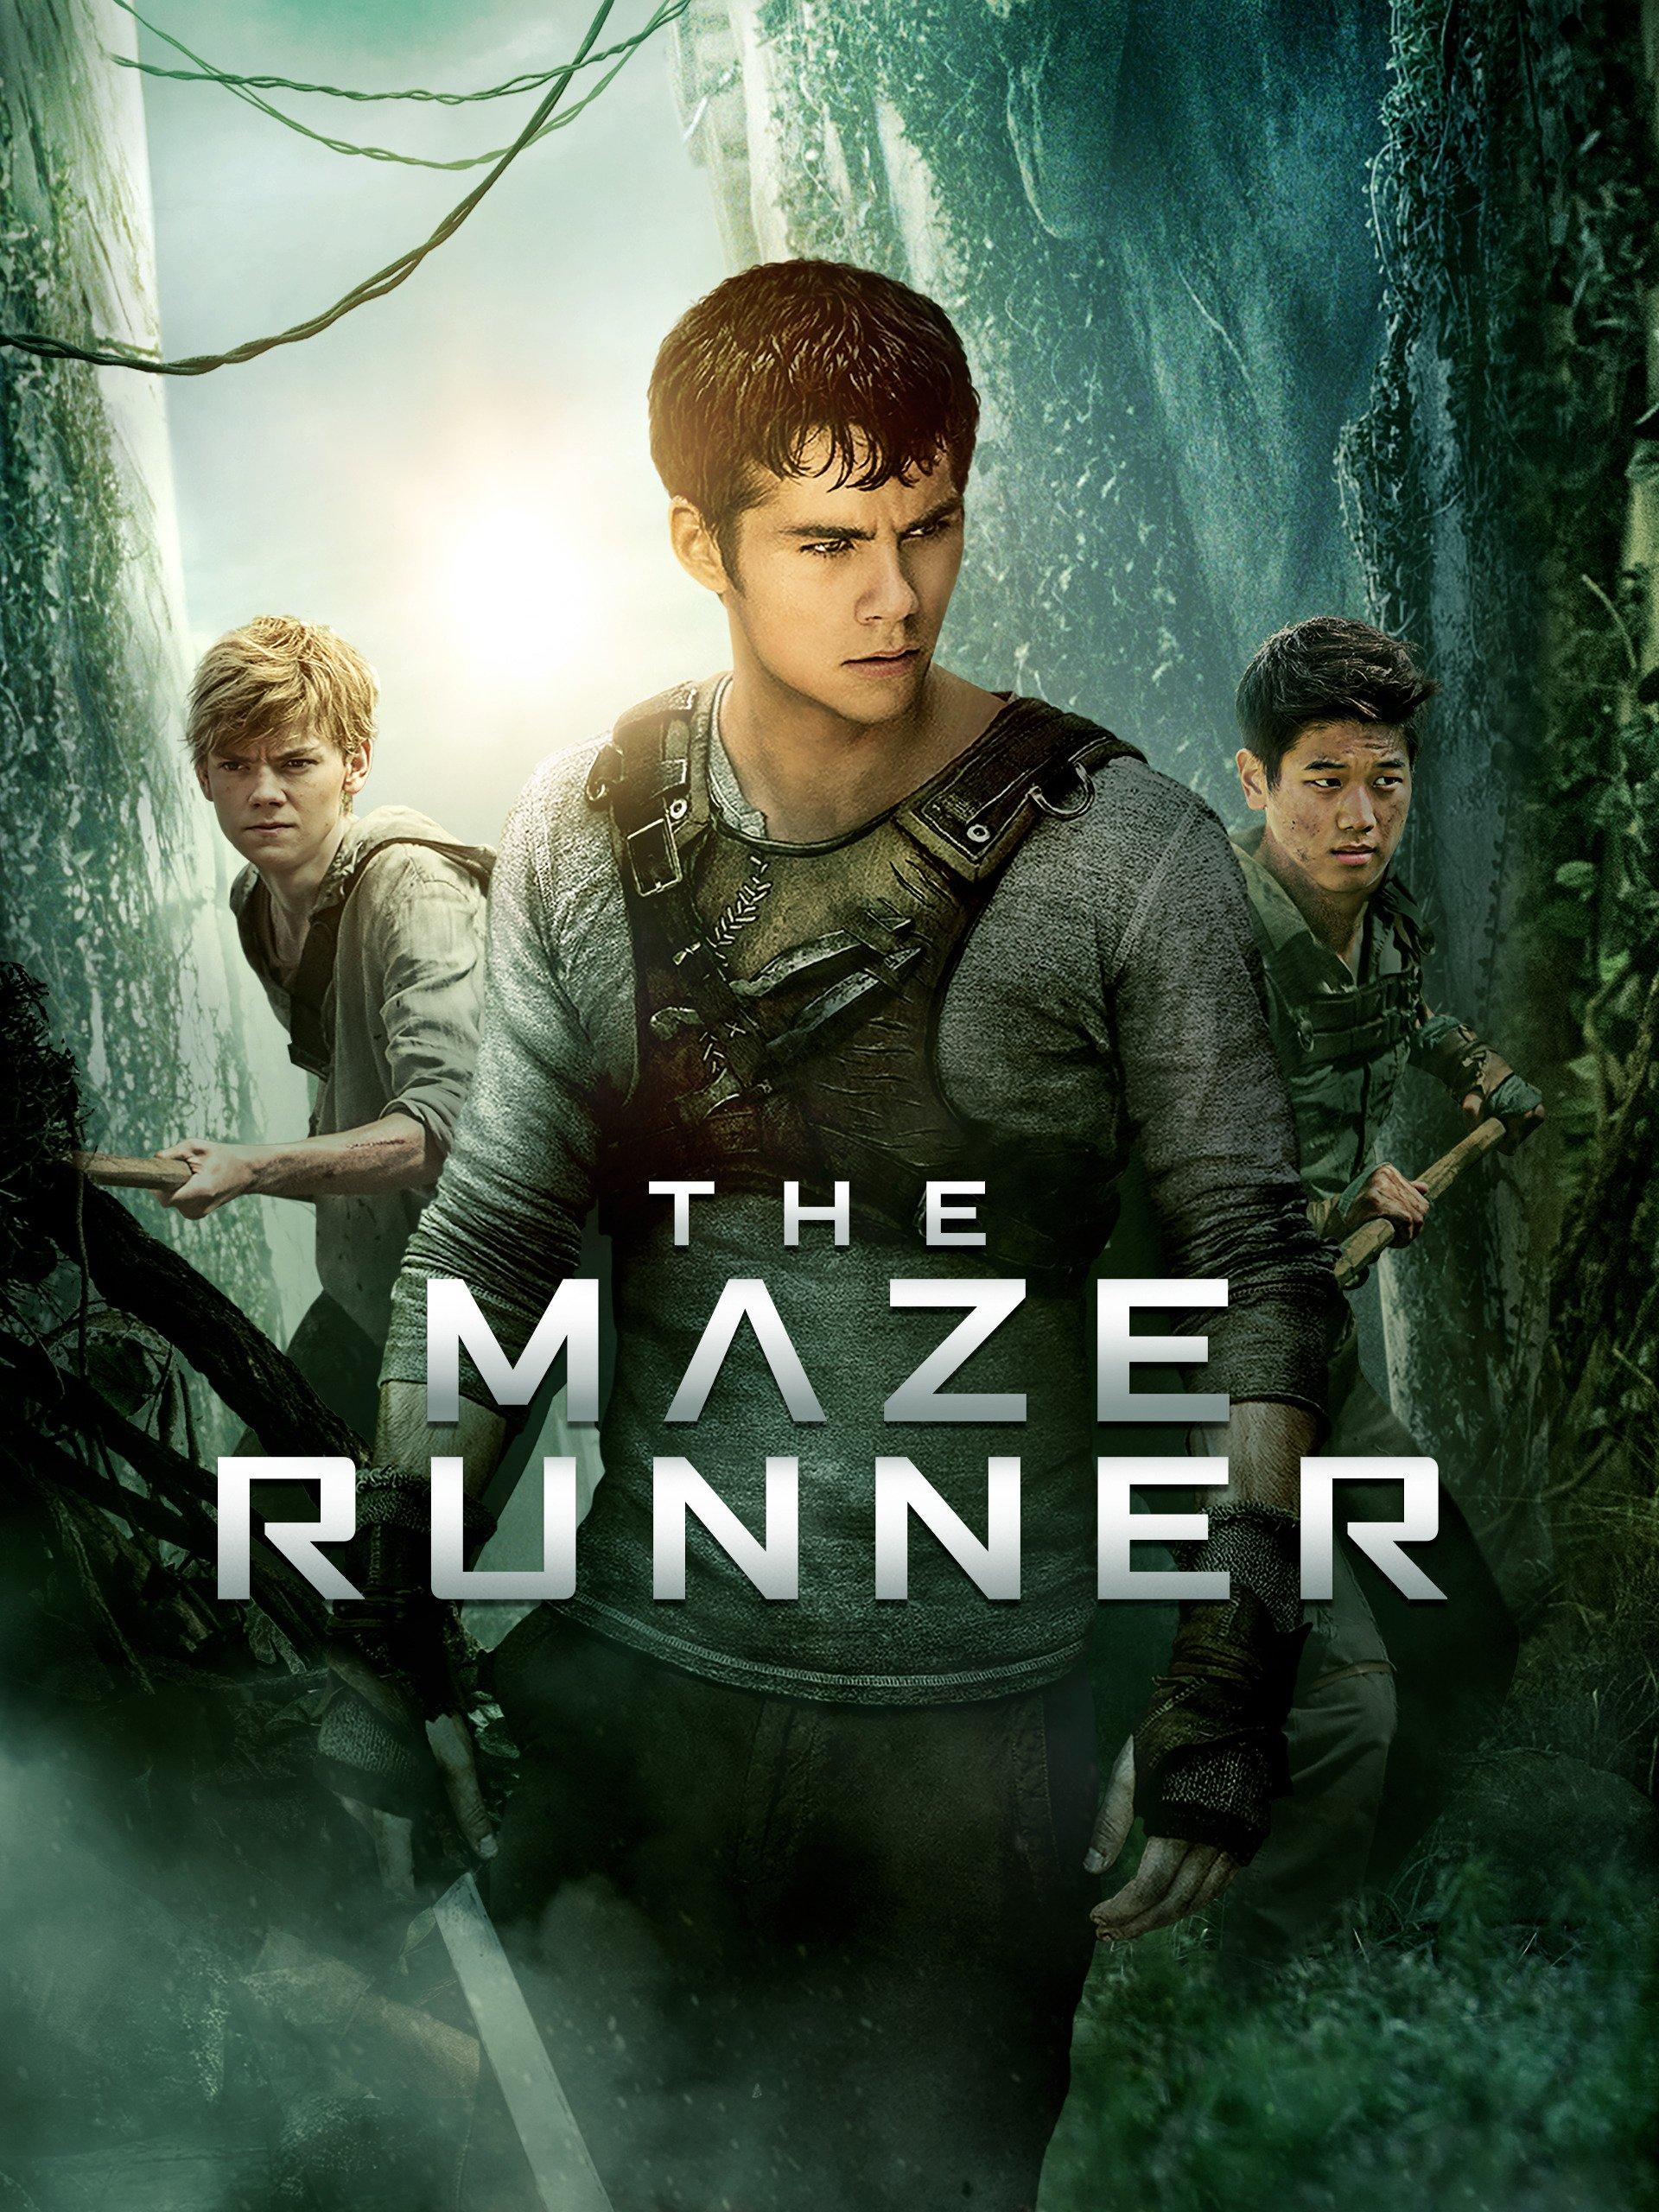 Image result for maze runner movie